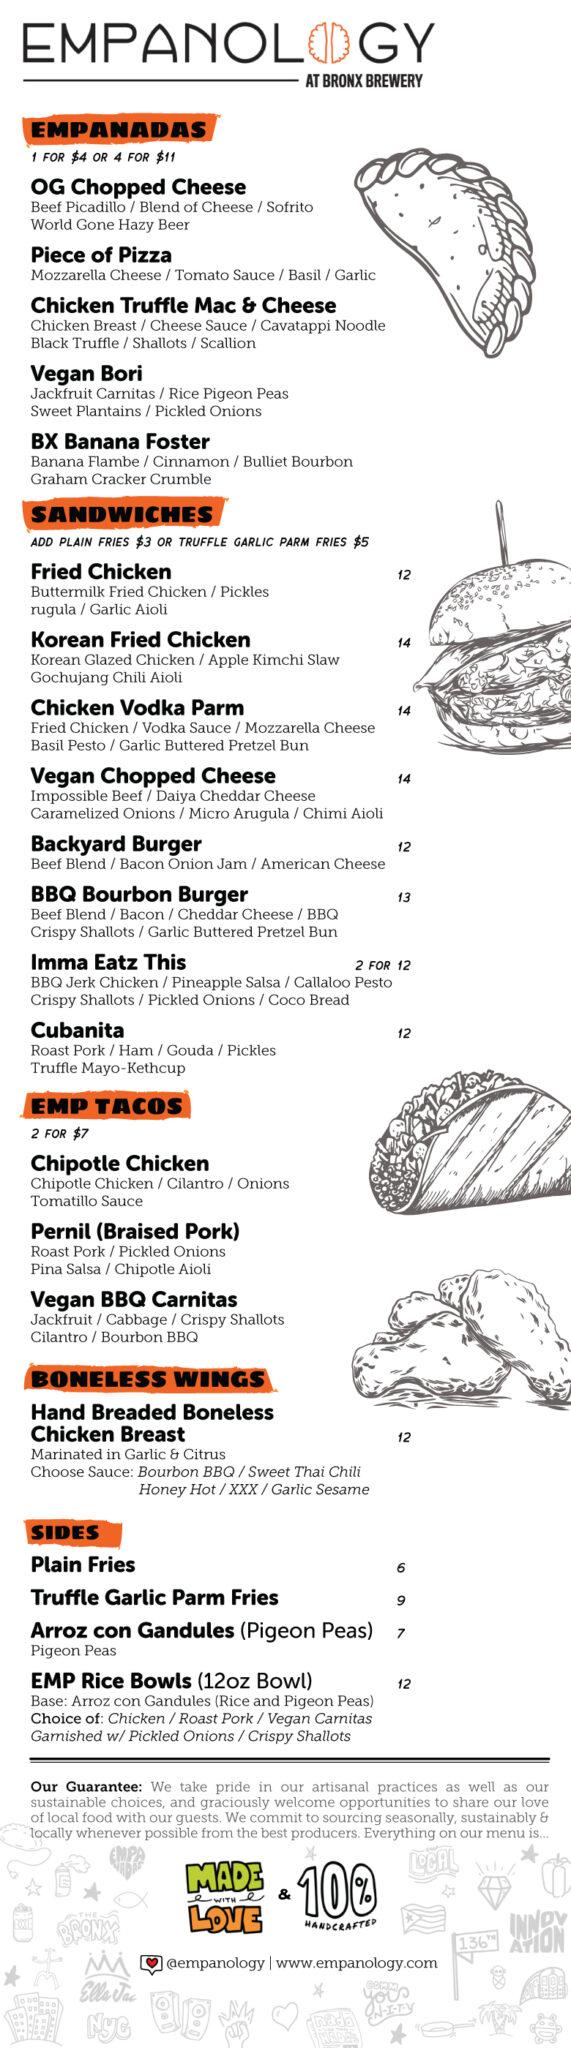 bxb-empanology-menu--010121-page2